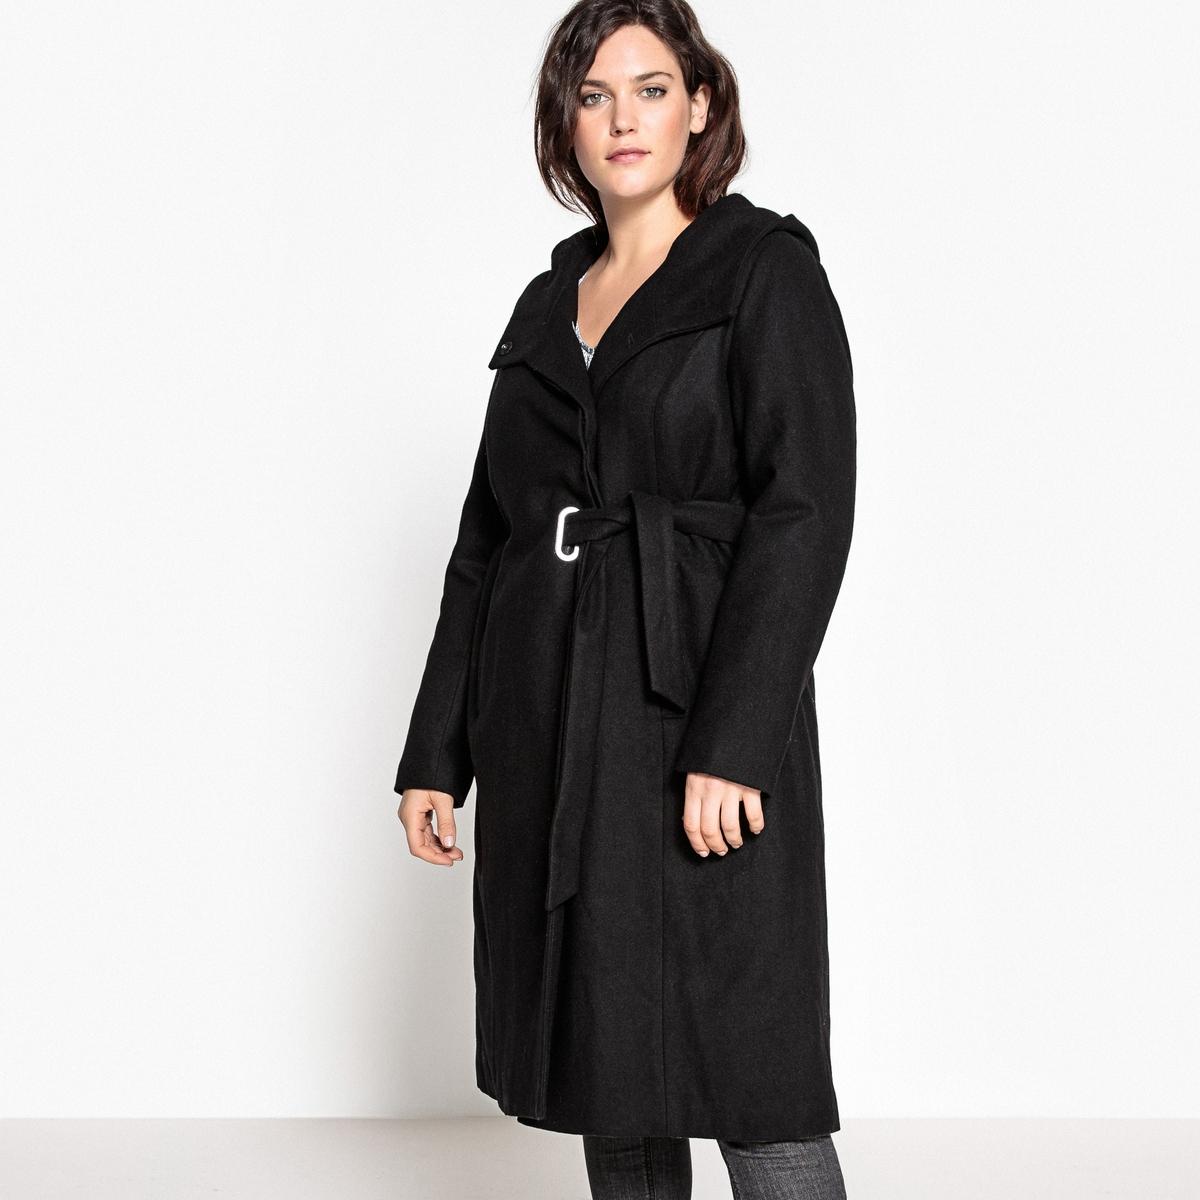 Пальто с капюшоном и ремешкомОписание:Вам будет тепло и комфортно в этом пальто с капюшоном из шерстяного драпа . Оно обеспечит вам надежную защиту от холода .Детали •  Длина : средняя •  Капюшон • Застежка на пуговицы •  С капюшоном Состав и уход •  50% вискозы, 50% шерсти  • Не стирать •  Сухая чистка / отбеливание запрещено •  Не использовать барабанную сушку  •  Не гладитьТовар из коллекции больших размеров •  50 % шерсти •  Ремешок со шлевками . •  2 кармана  •  Длина : 111,3 см<br><br>Цвет: сливовый,черный